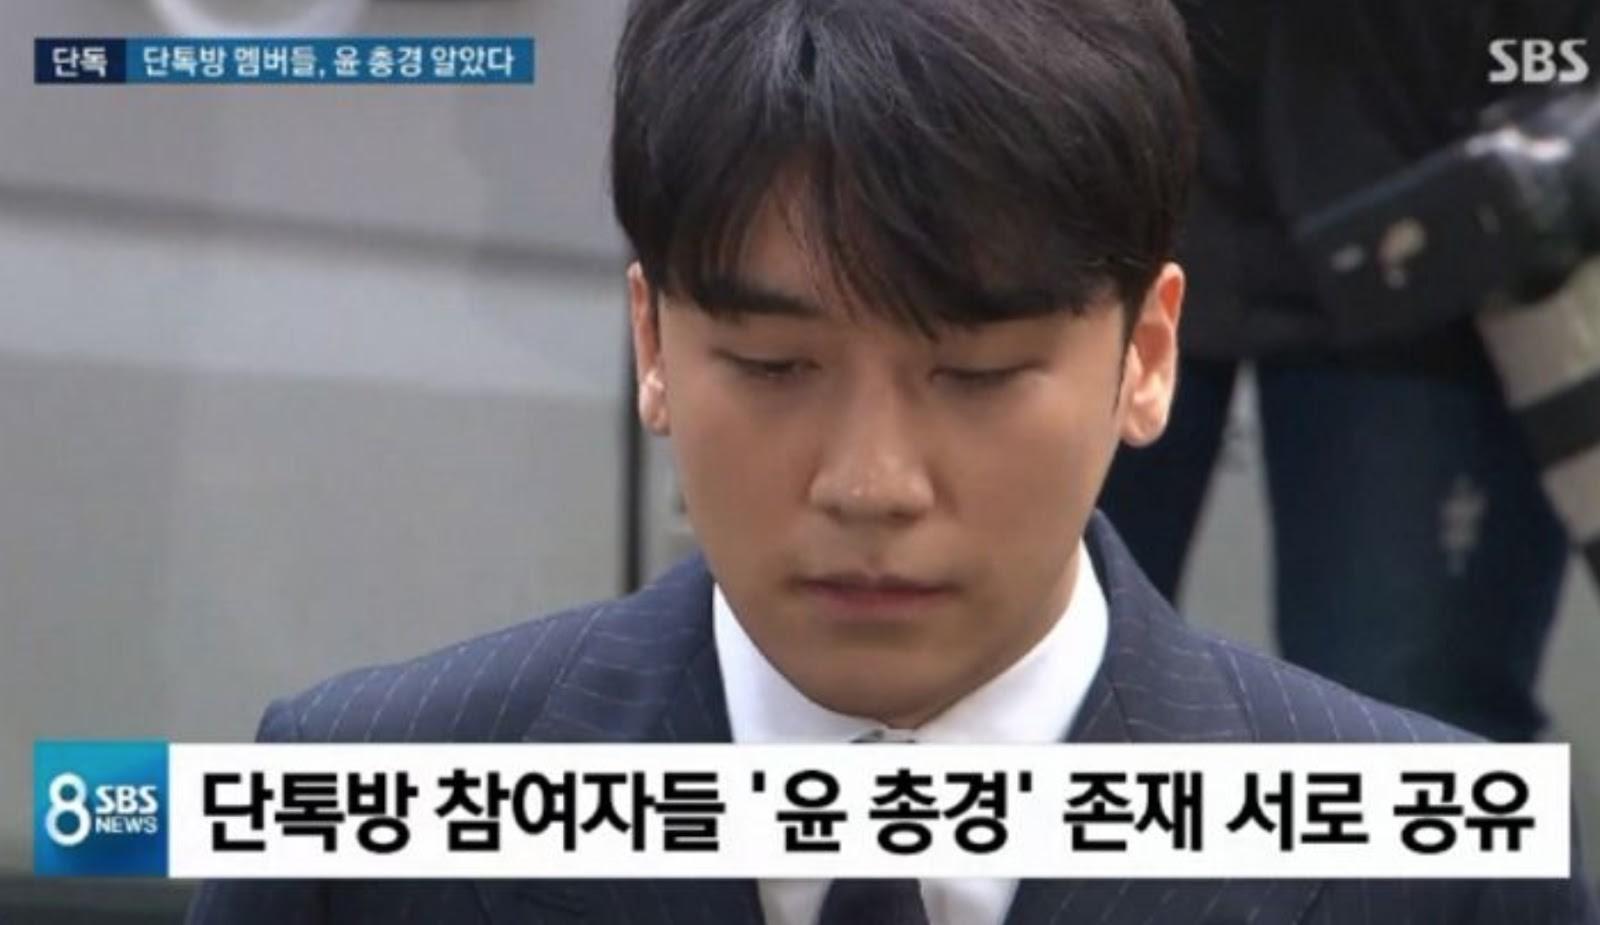 Chuyện thật như đùa: 3.200 fan Nhật lập kiến nghị mong Jonghyun ở lại CNBLUE, van xin Yong Hwa hãy cứu lấy anh ấy - Ảnh 1.